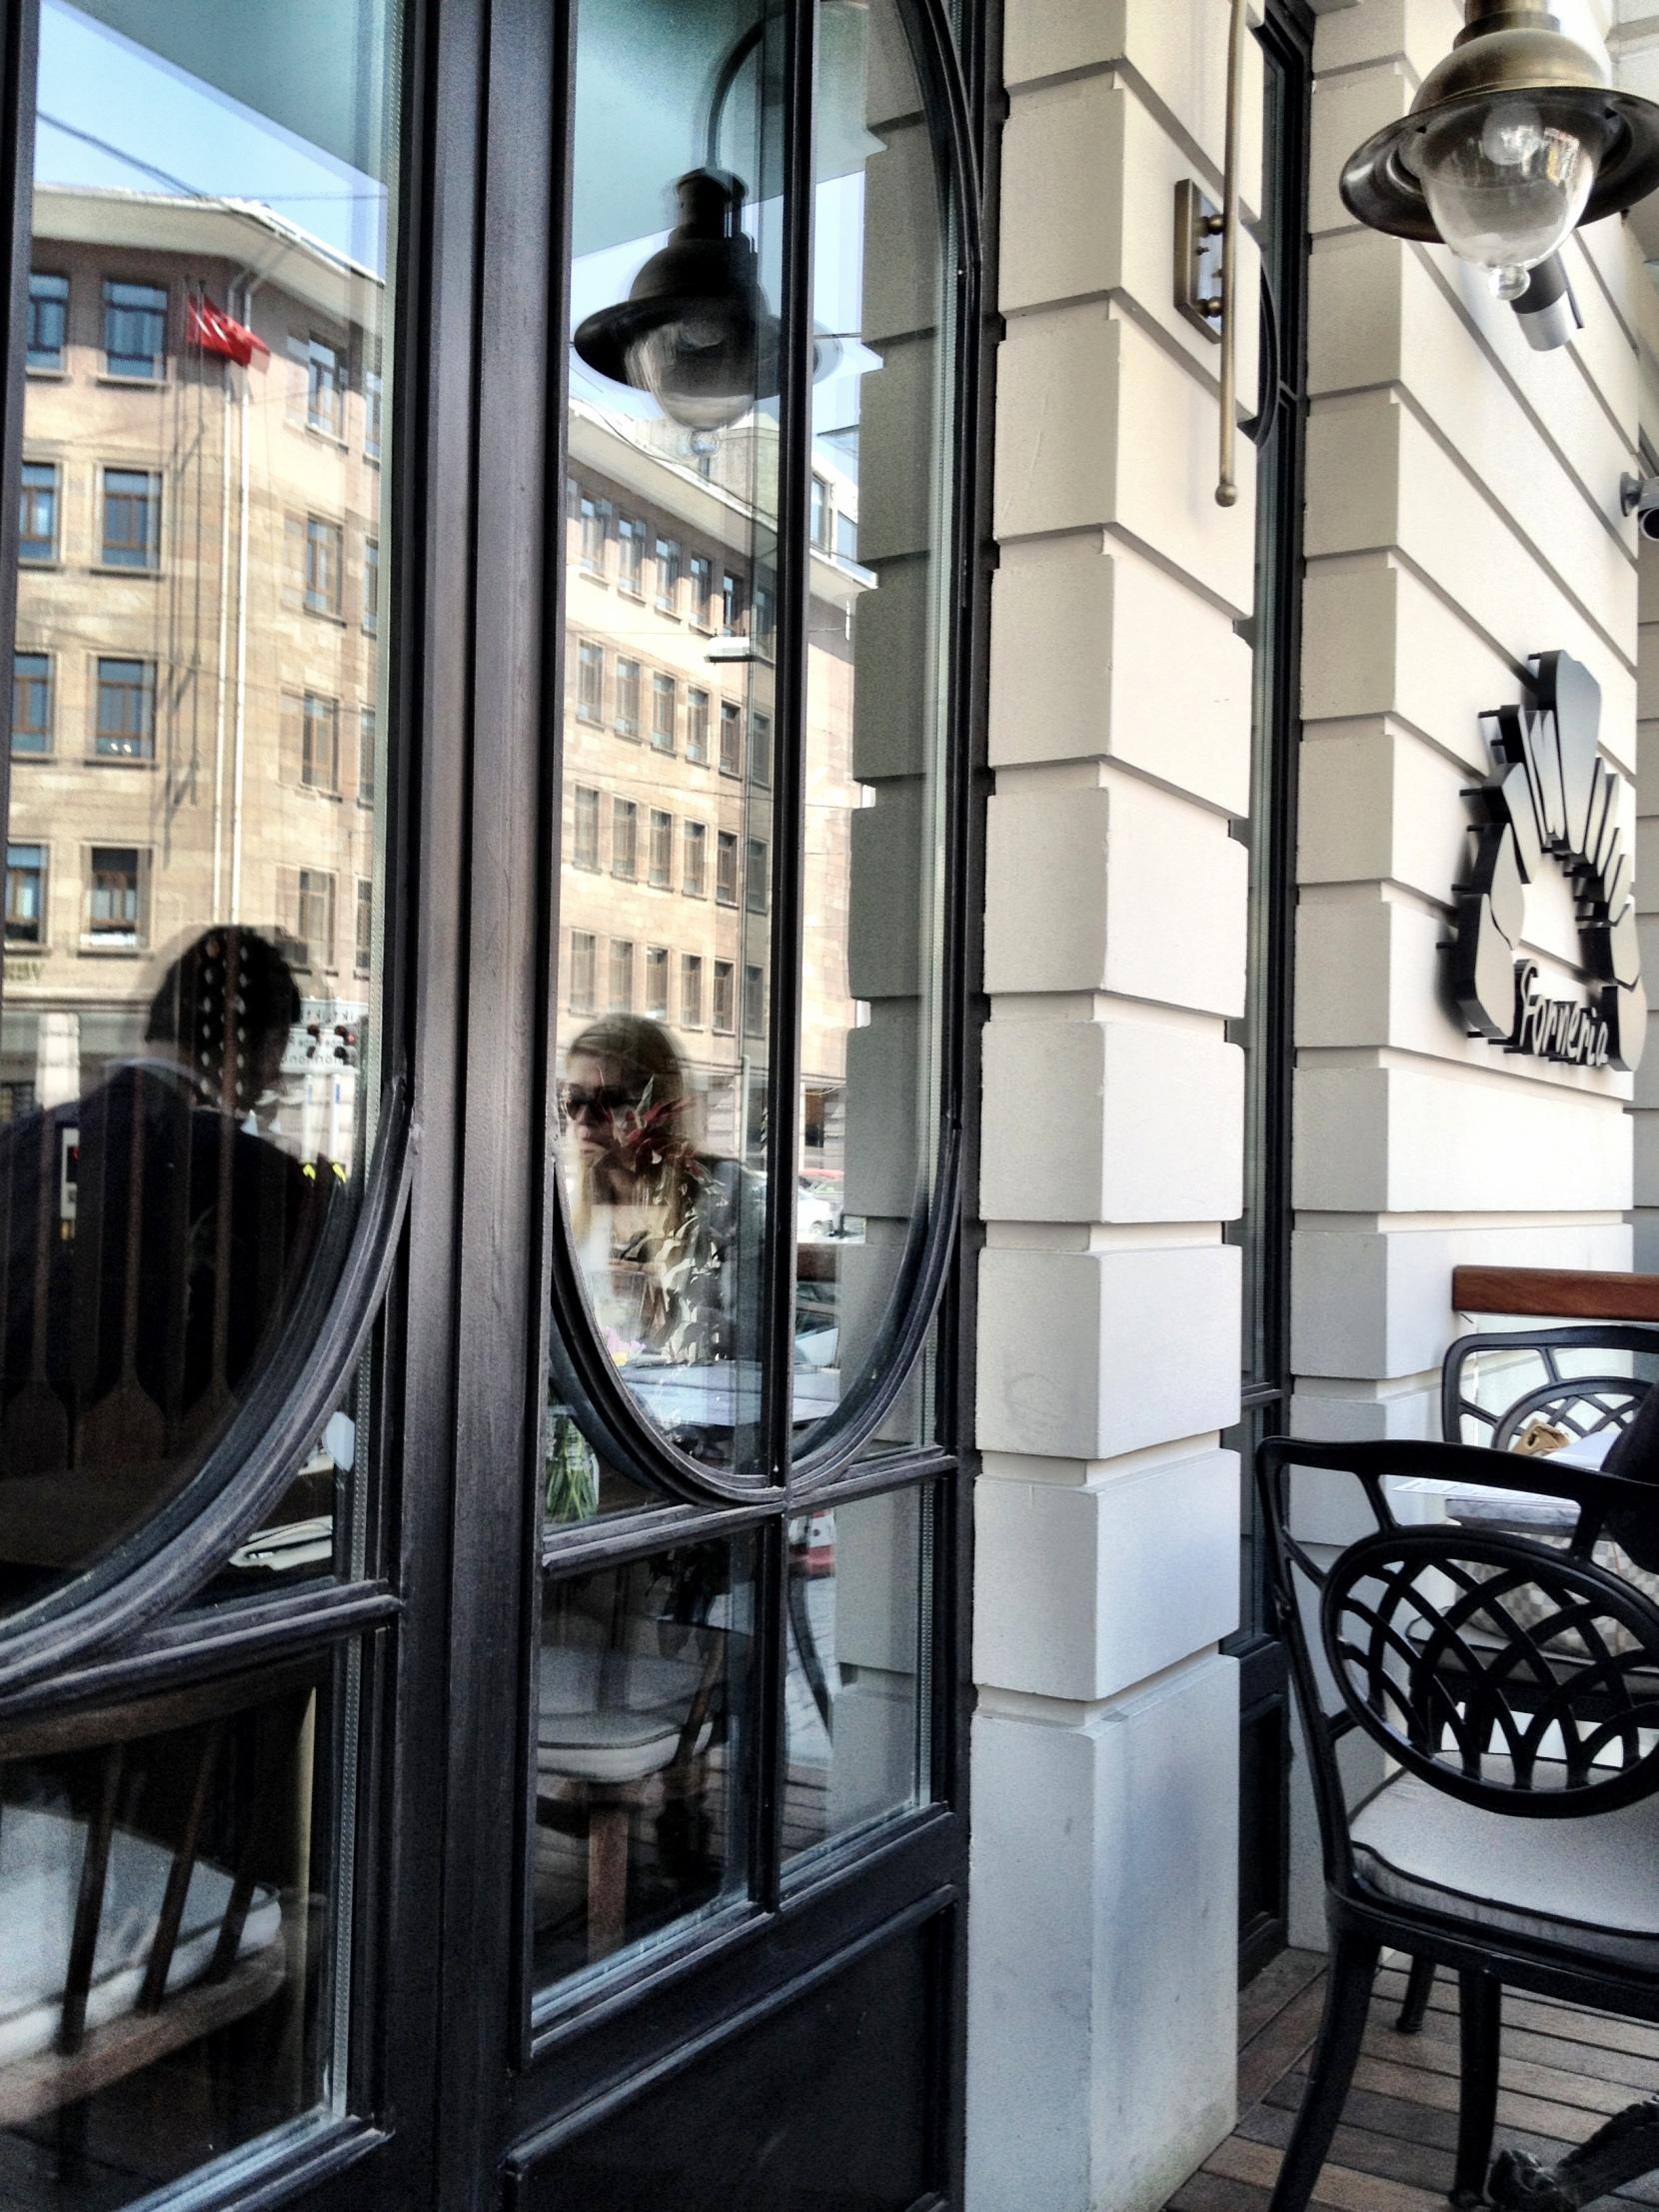 Forneria restaurant & The Haze Karakoy